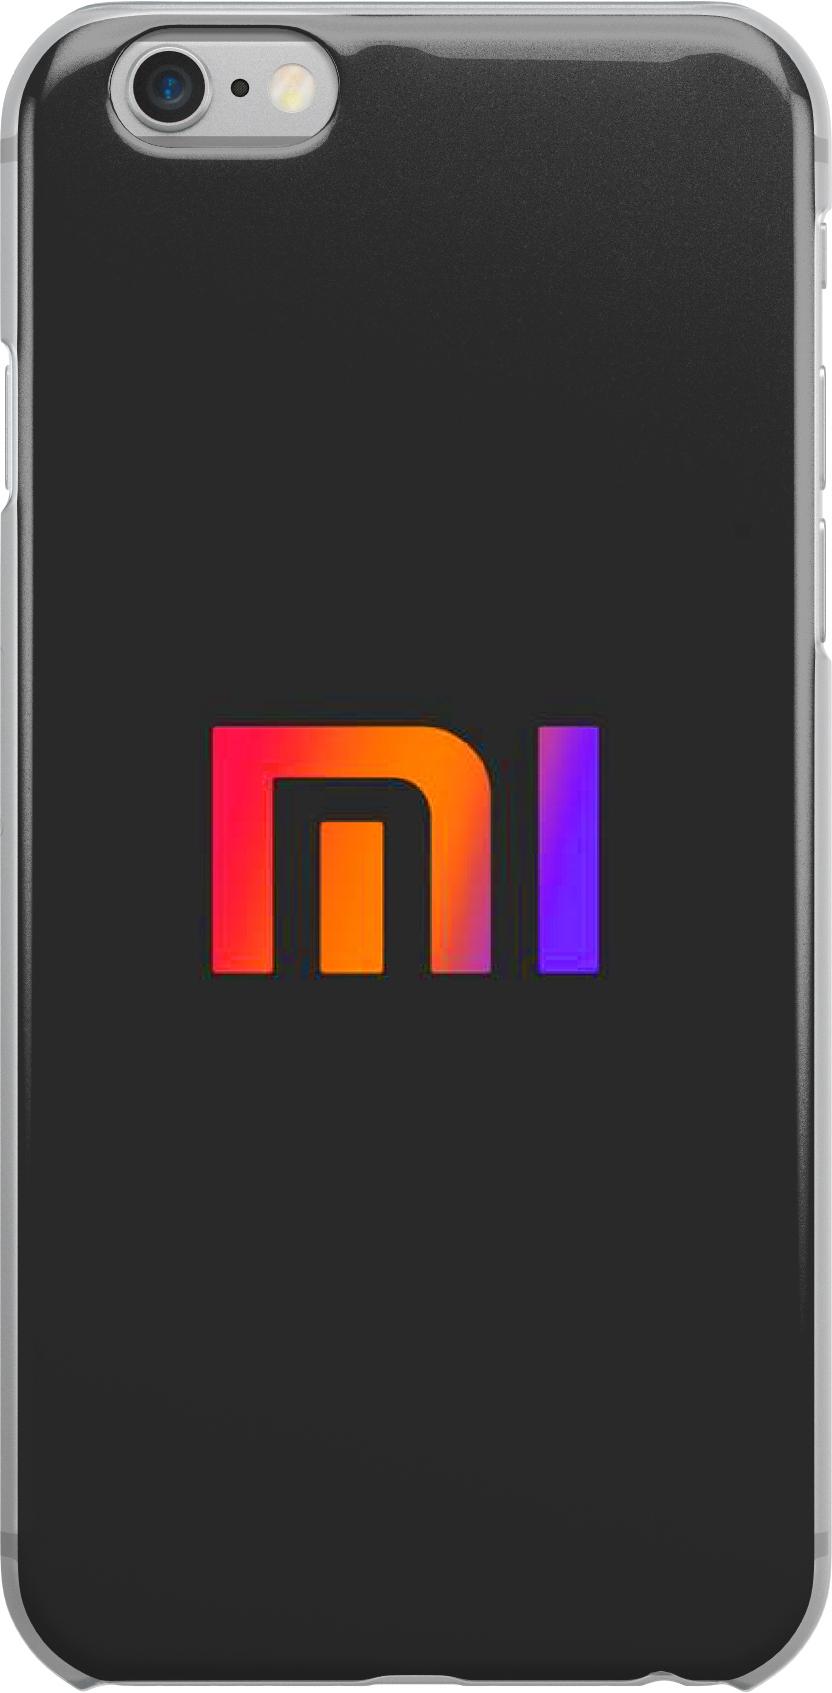 Etui Wzory Xiaomi Lg L3